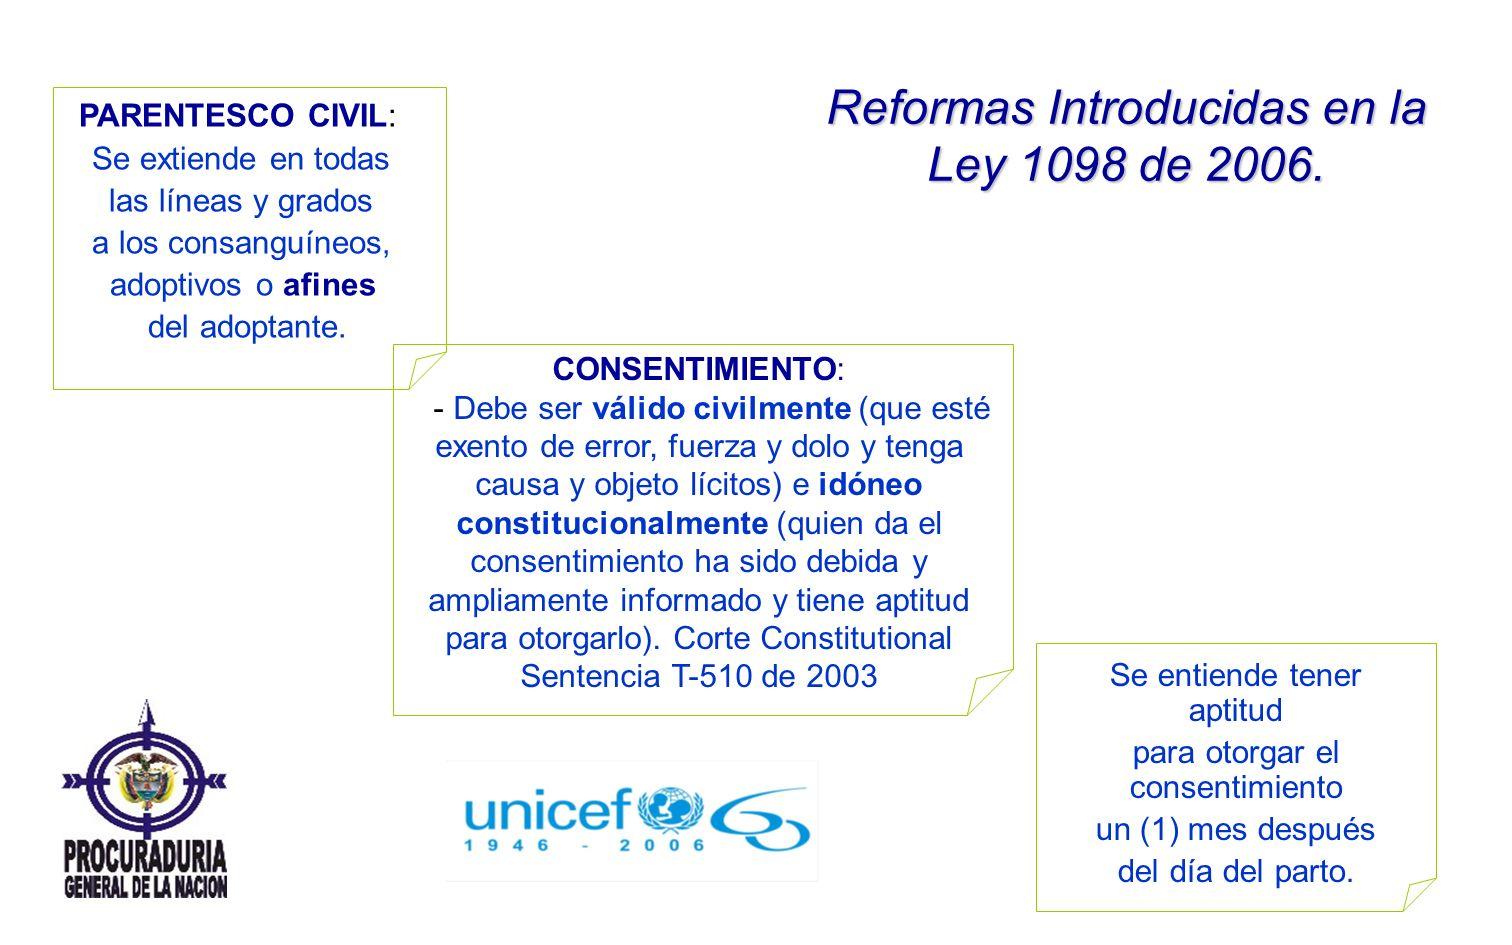 Reformas Introducidas en la Ley 1098 de 2006.